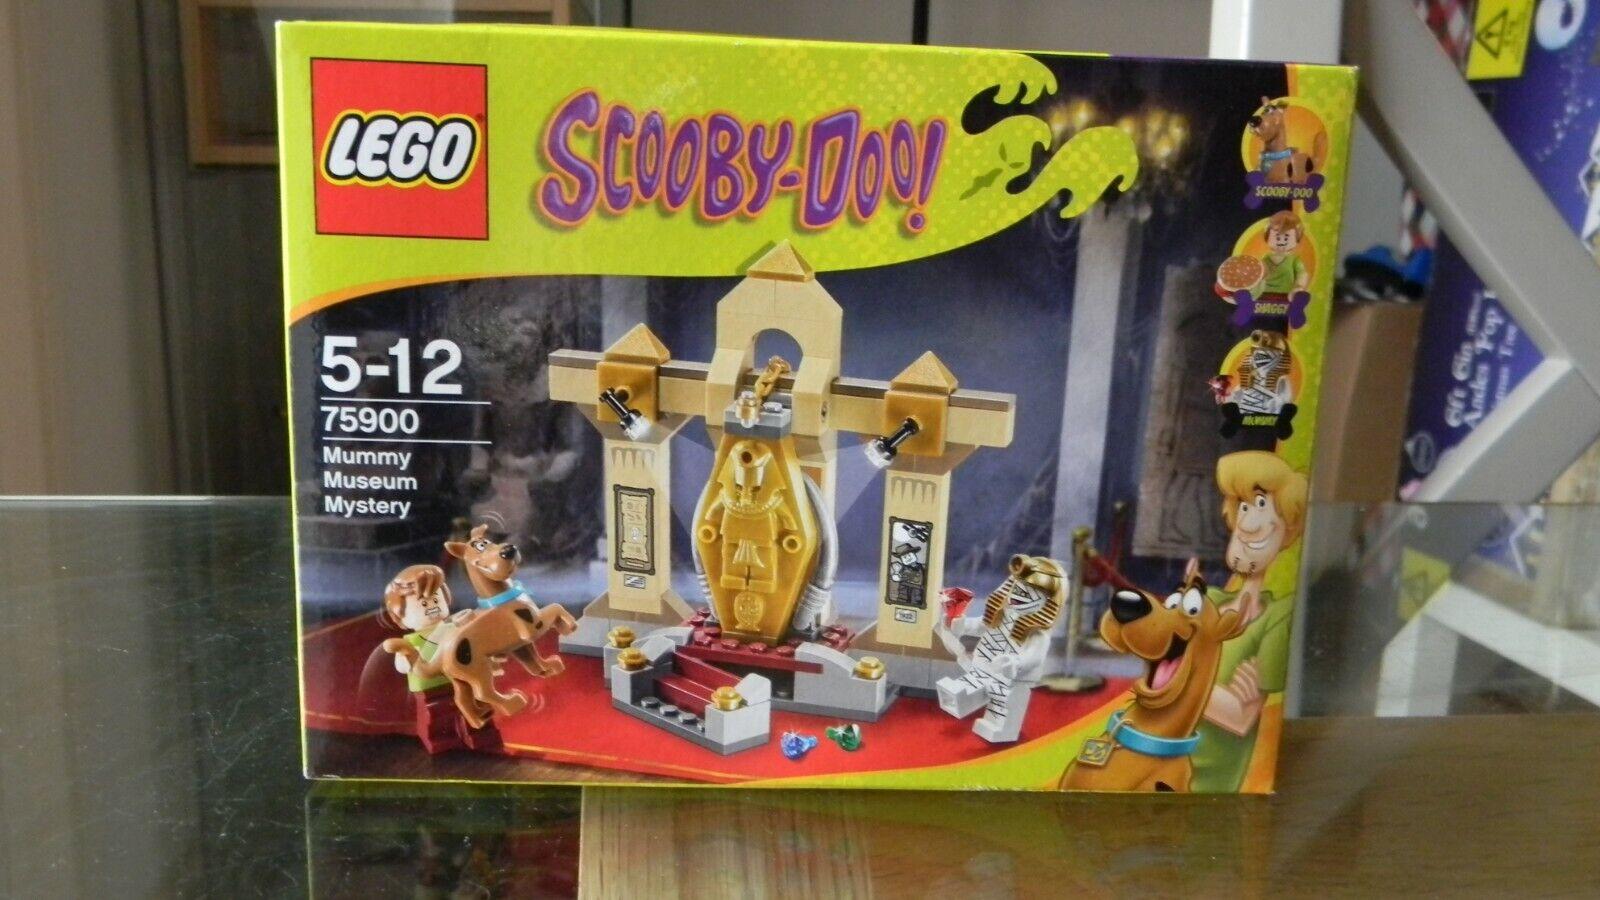 Lego Scooby Doo-Momia Museo misterio 75900   Raro Nuevo Sellado